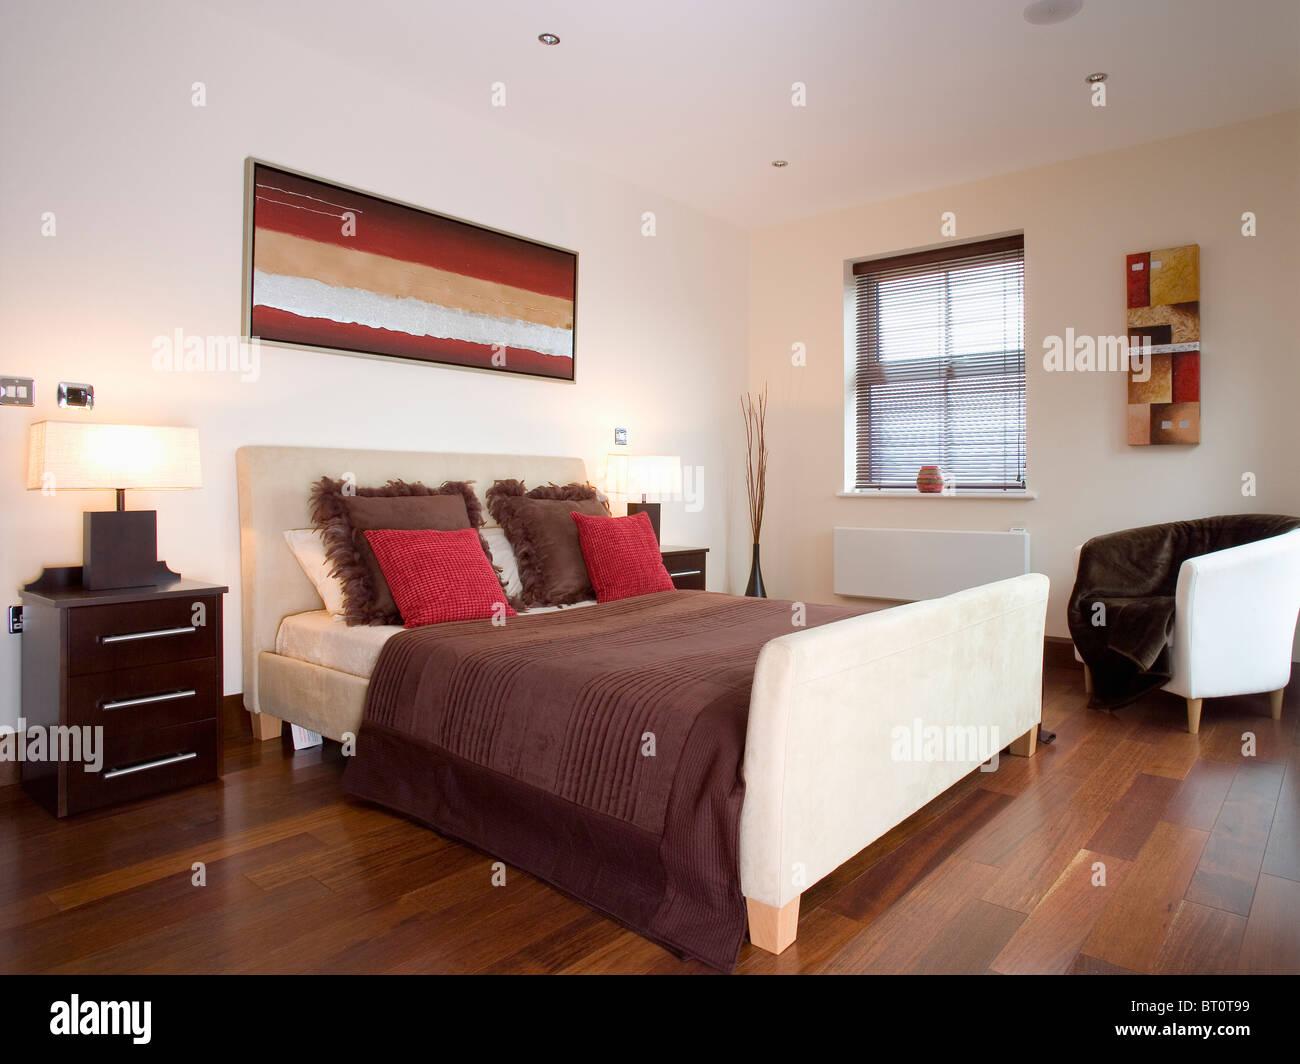 Coussins rouge et marron en daim beige sur meubles lit dans chambre ...